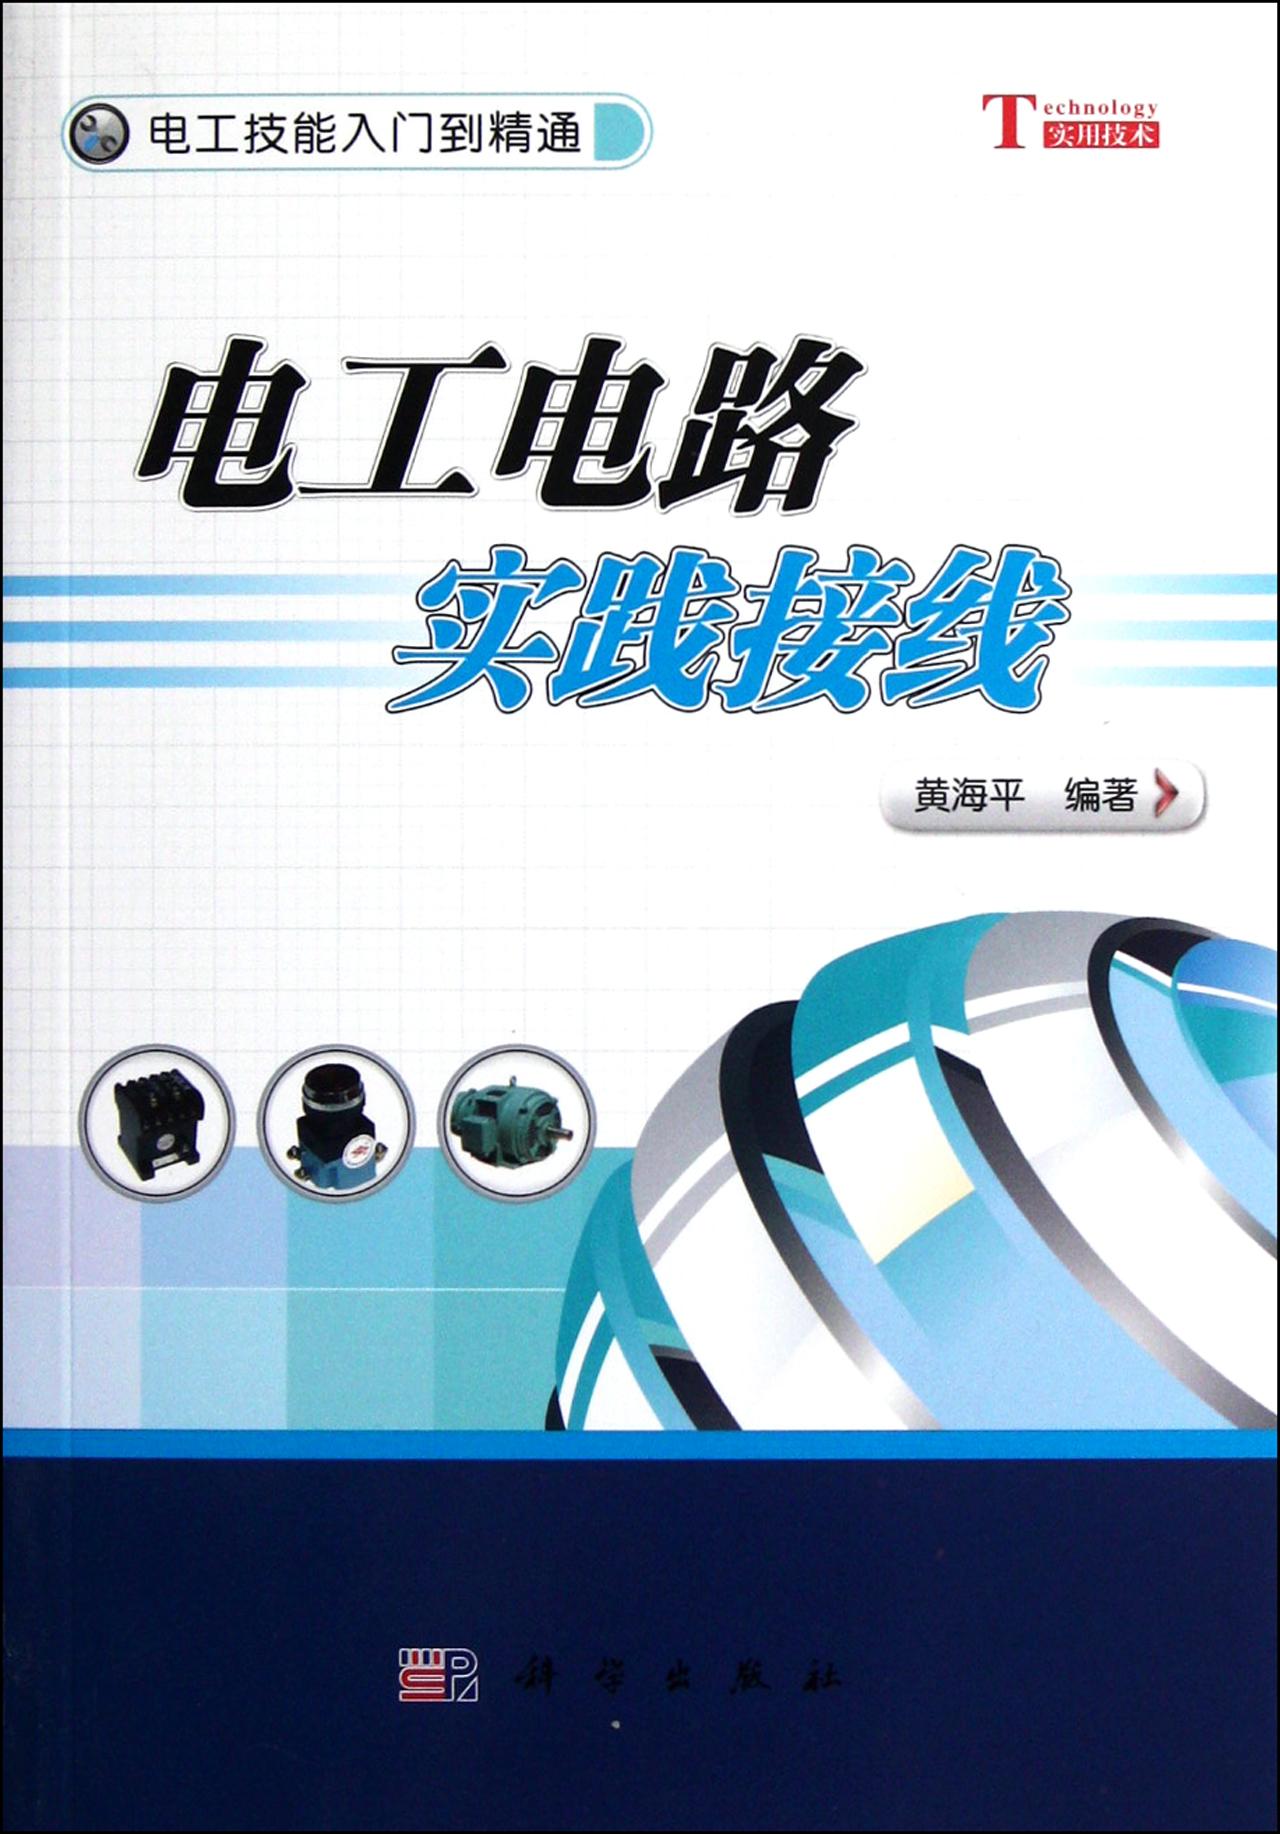 电工电路实践接线(电工技能入门到精通)